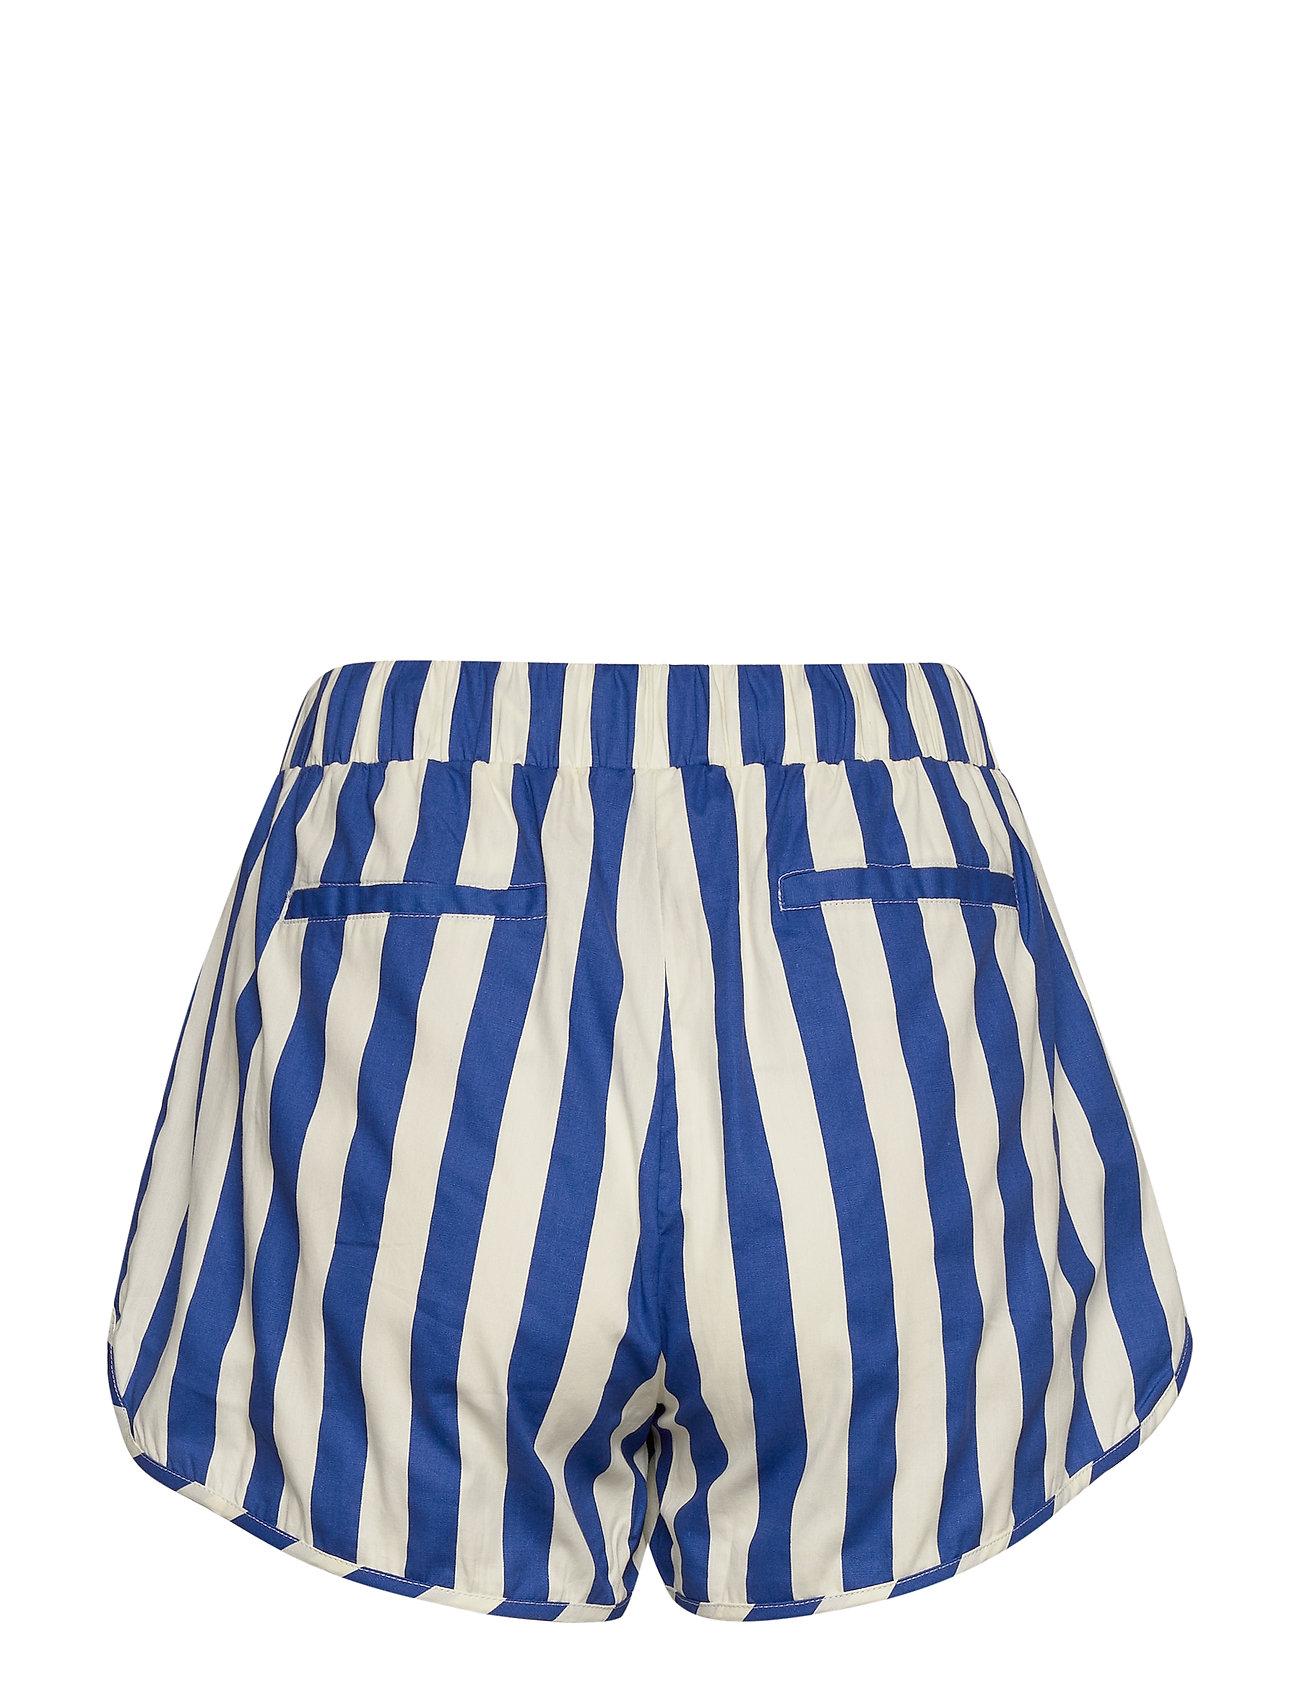 Lee Jeans  pencil skirt | Laaja valikoima alennustuotteita | Naisten vaatteet